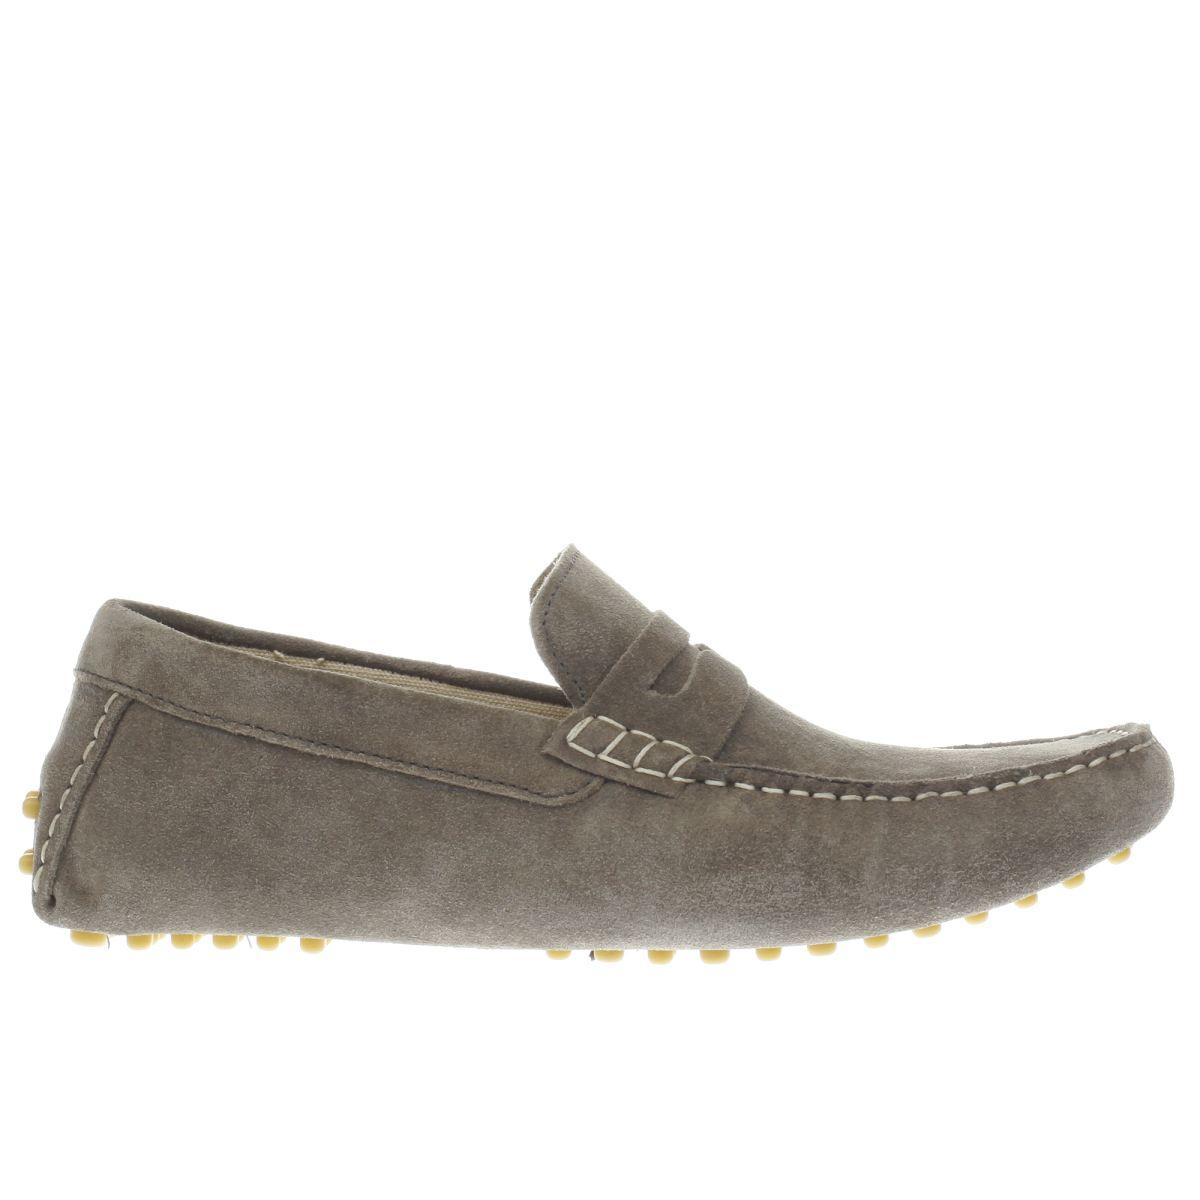 Ikon Ikon Grey Nico Driver Shoes